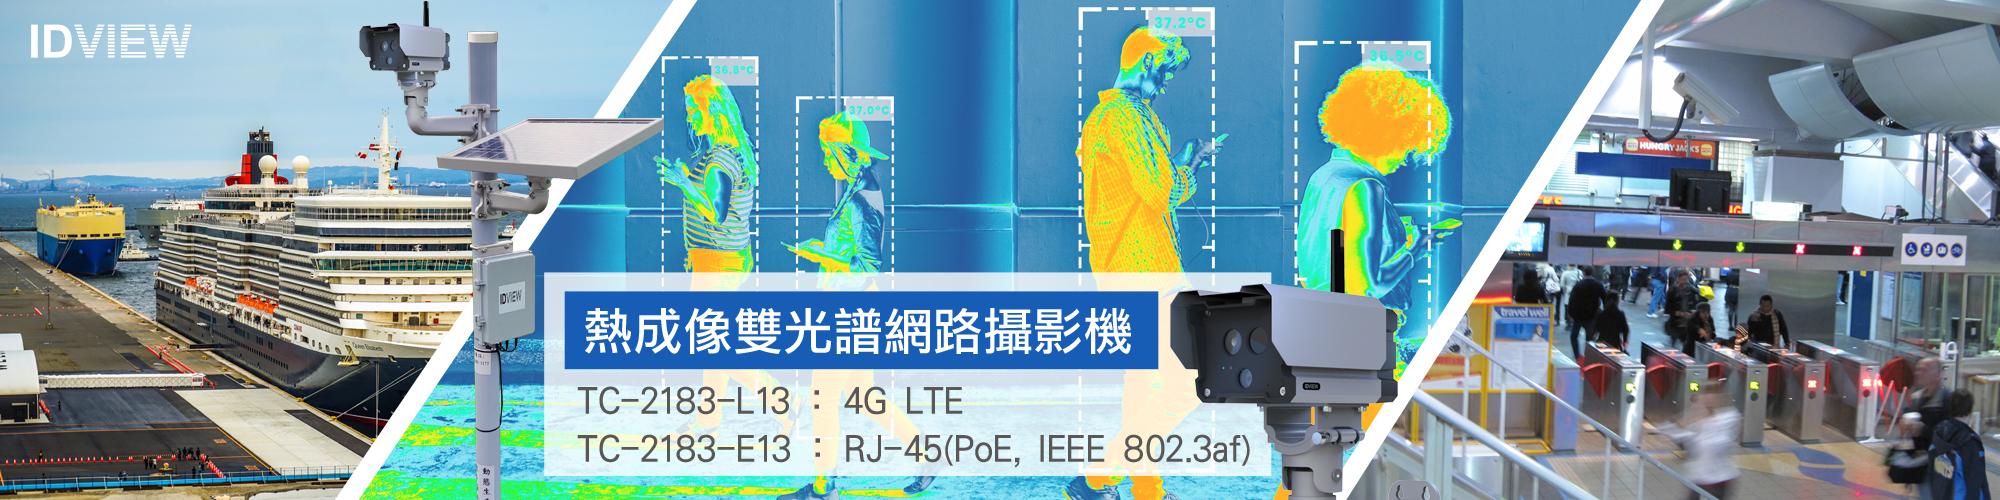 熱成像雙光譜網路攝影機